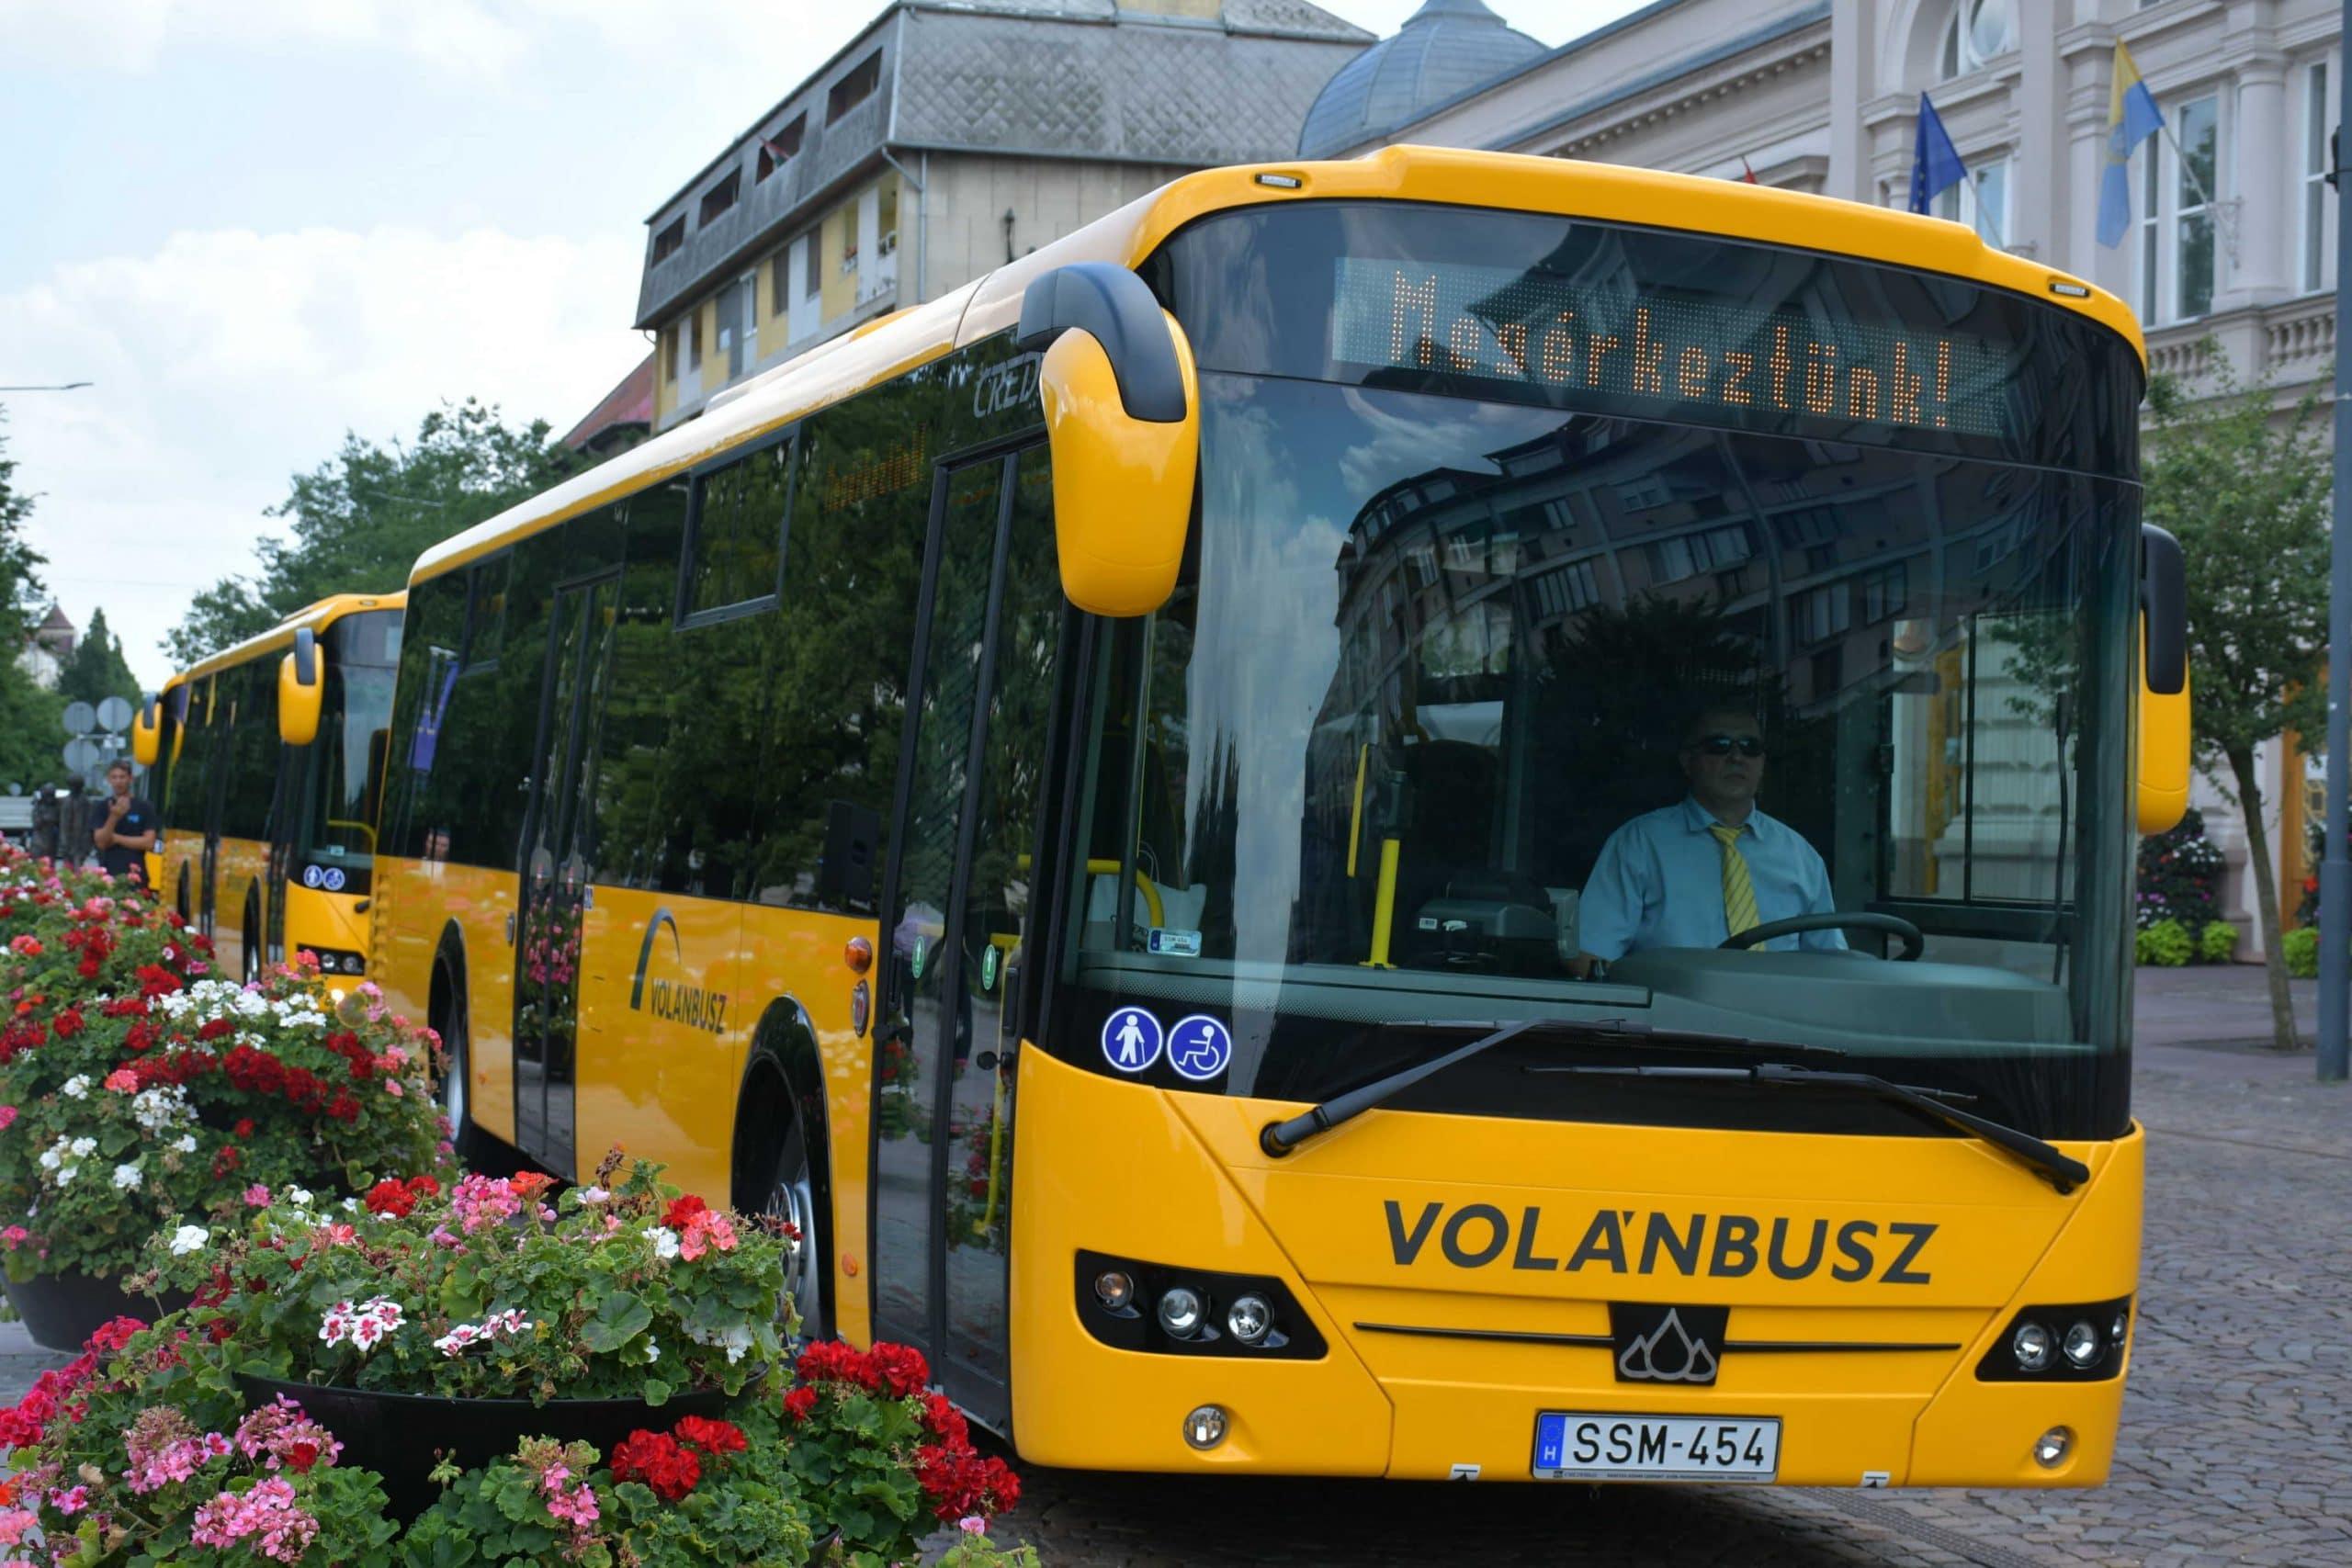 [GALÉRIA] Új buszok segítik a megye közlekedését